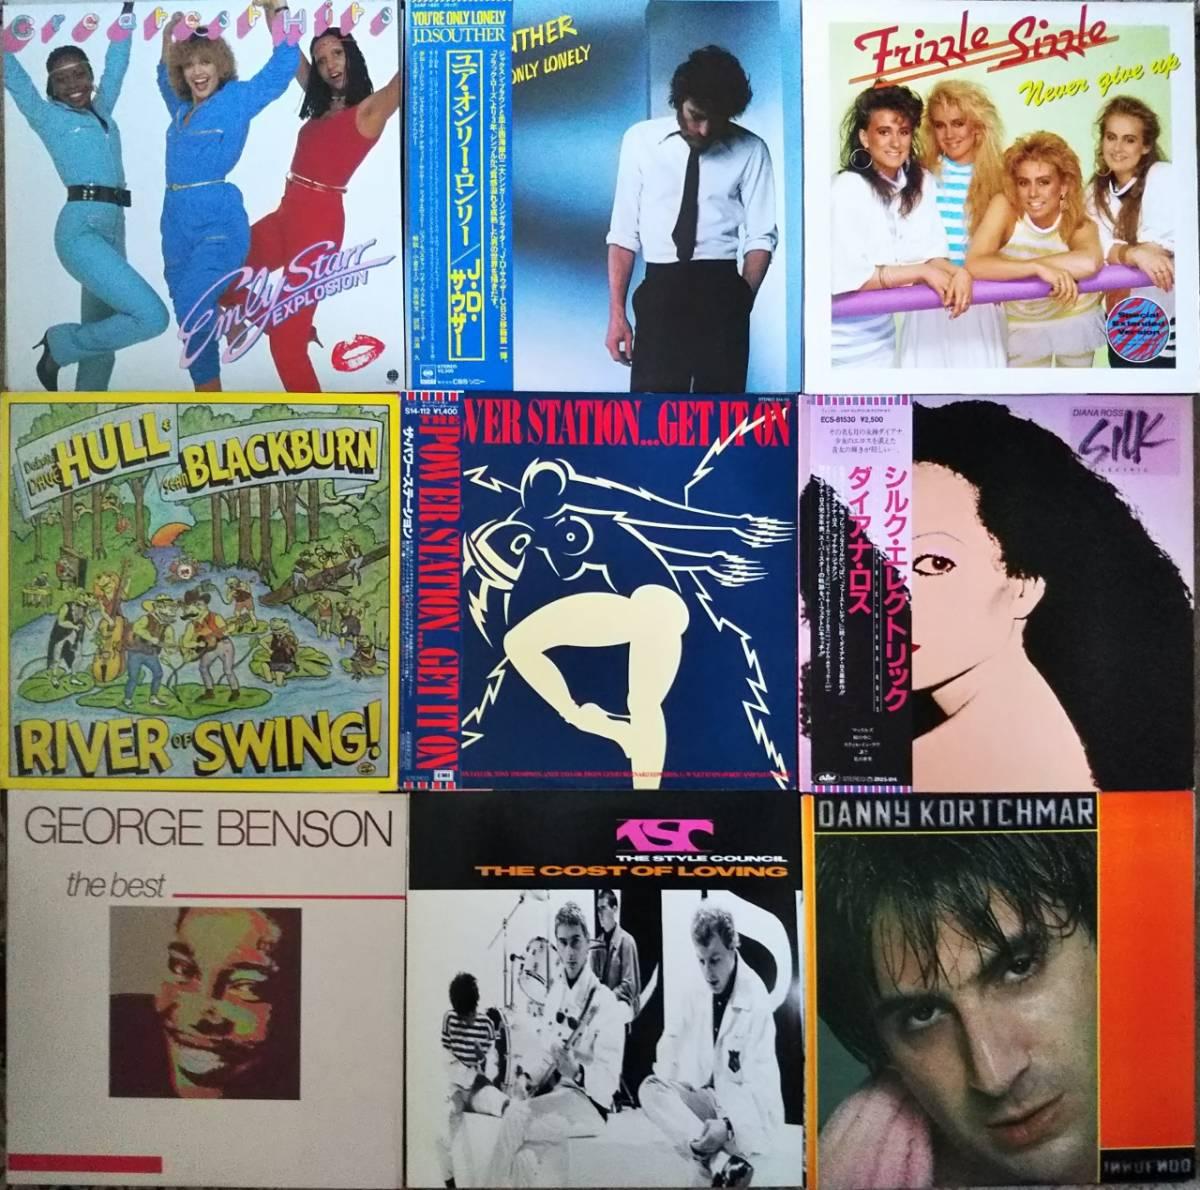 洋楽 LP45枚セット BEATLES ビートルズ、ロック、AOR、リンダ・ロンシュタット、ABBA、ボブ・ディラン、SOUL、FUSION、ビージーズなど_画像6